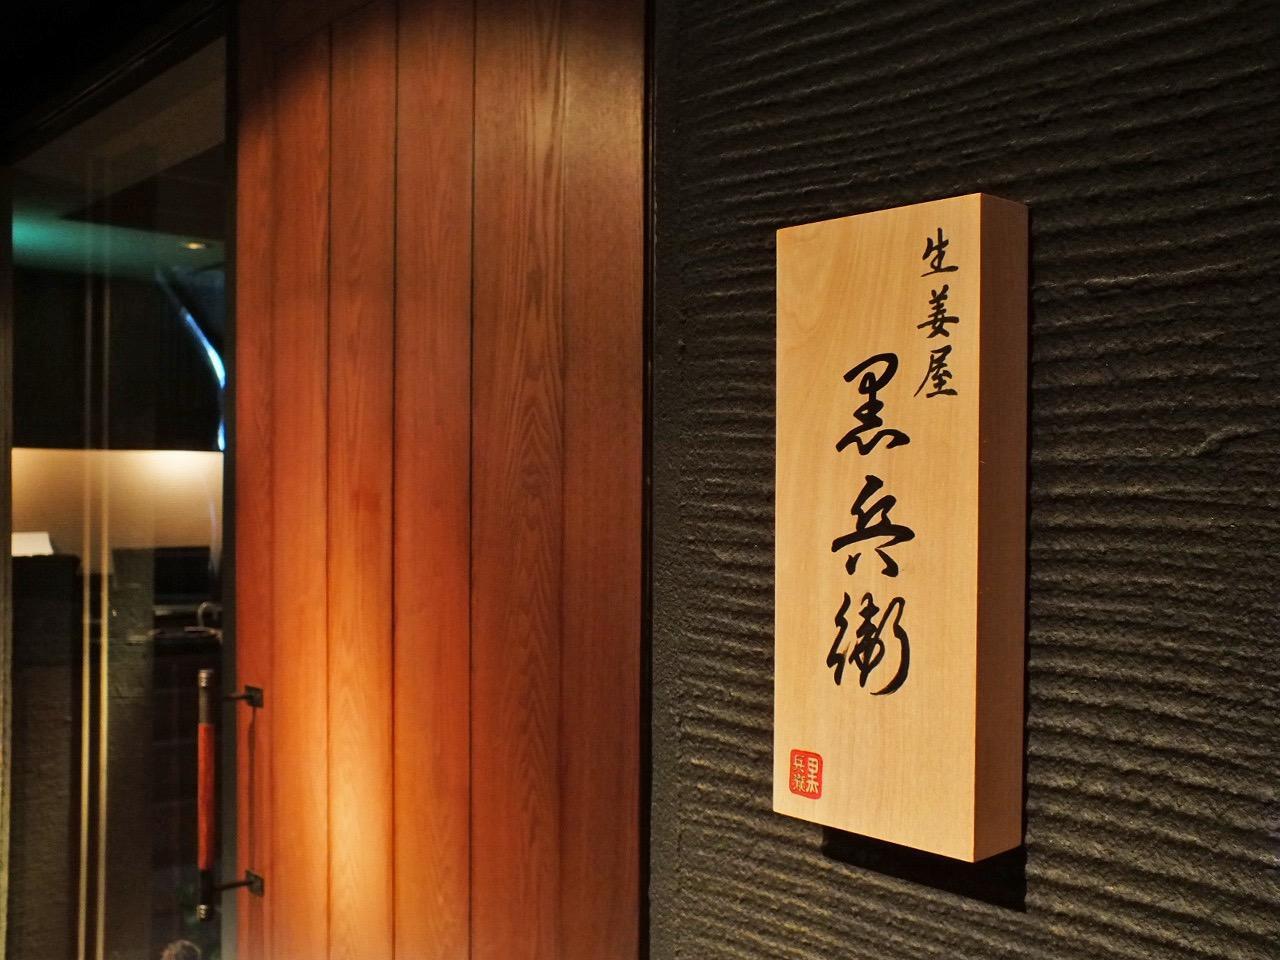 画像: ■流行の濃厚お茶系かき氷「京都宇治抹茶ミルク」。自家製練乳の甘味とほろ苦い濃厚抹茶は抜群の相性!